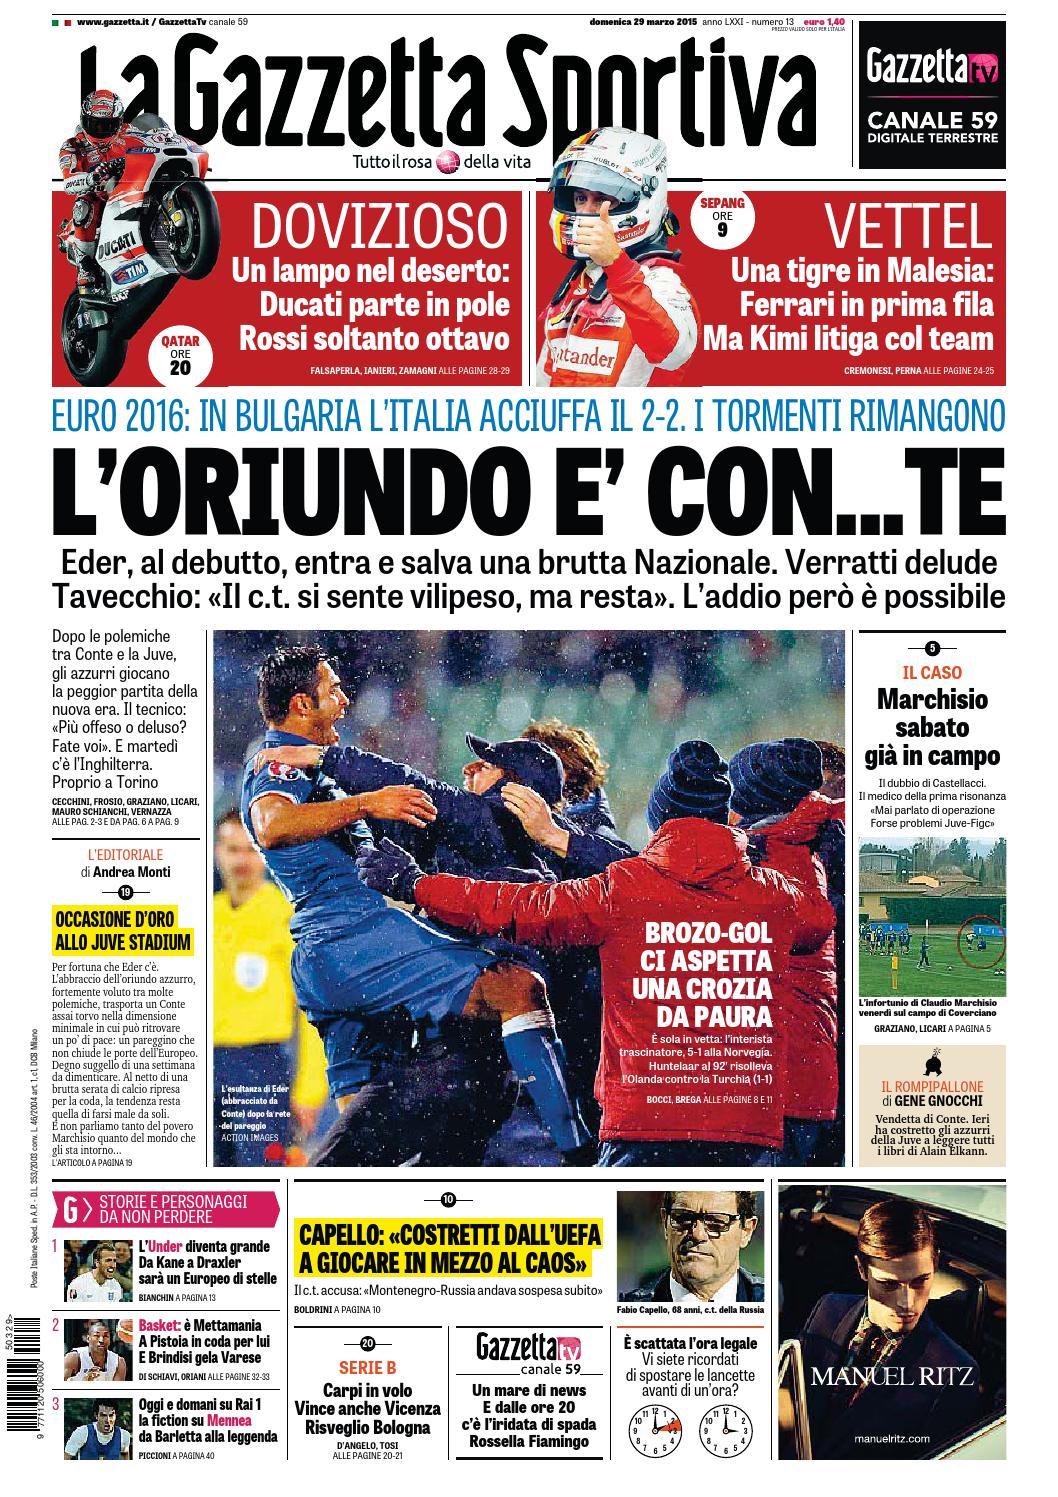 La Gazzetta dello Sport (03-29-2015) eb3ba19dad5c